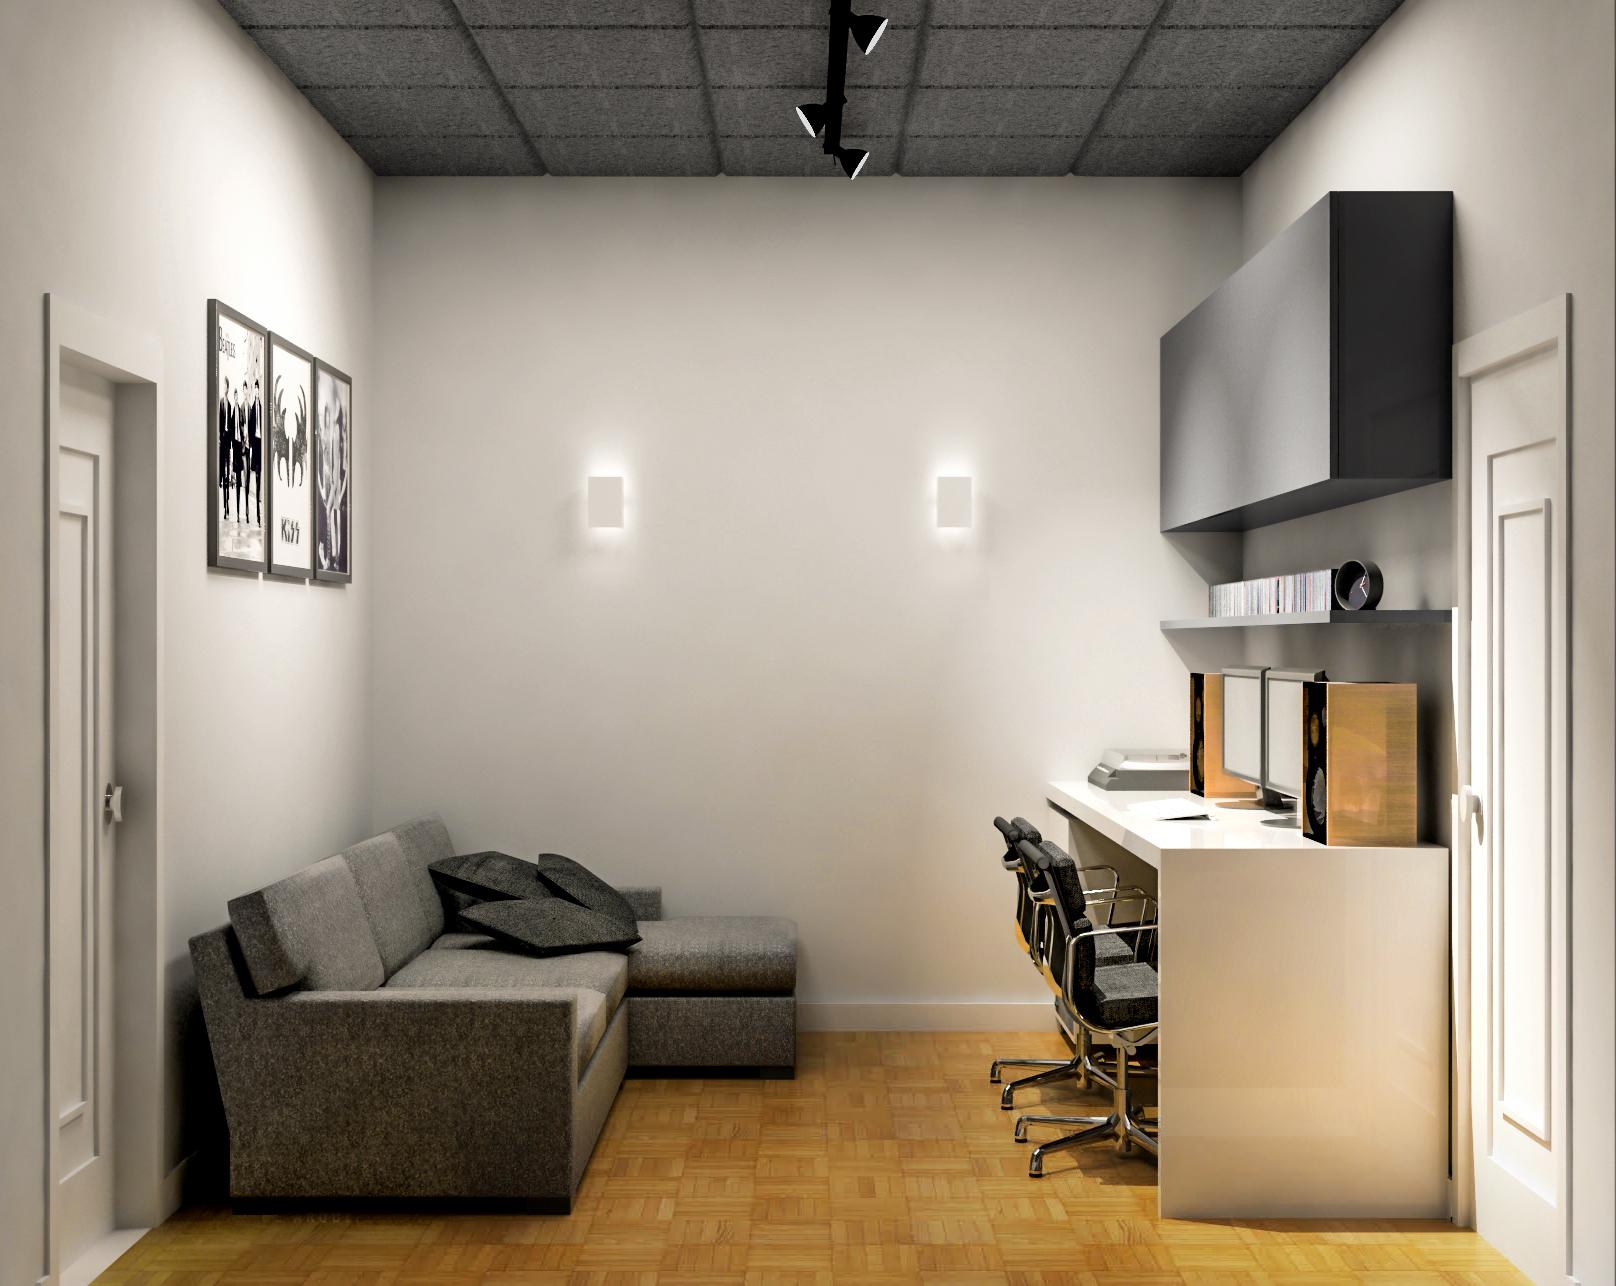 Home estúdio com isolamento acústico.